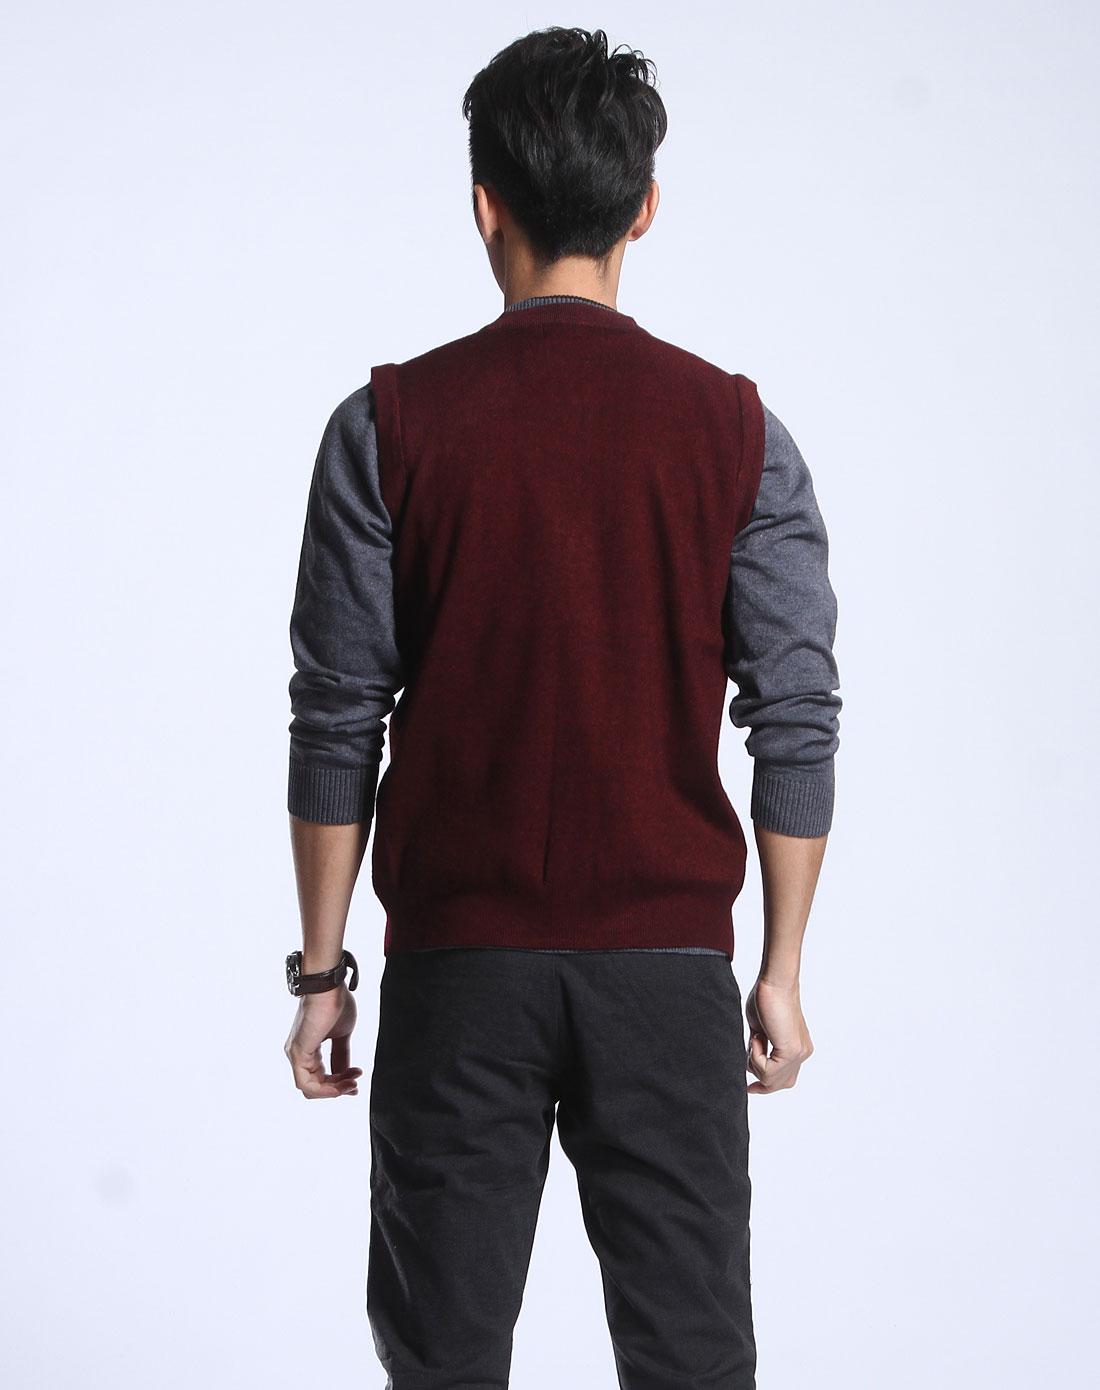 昊意男士专场-暗红色格纹针织背心